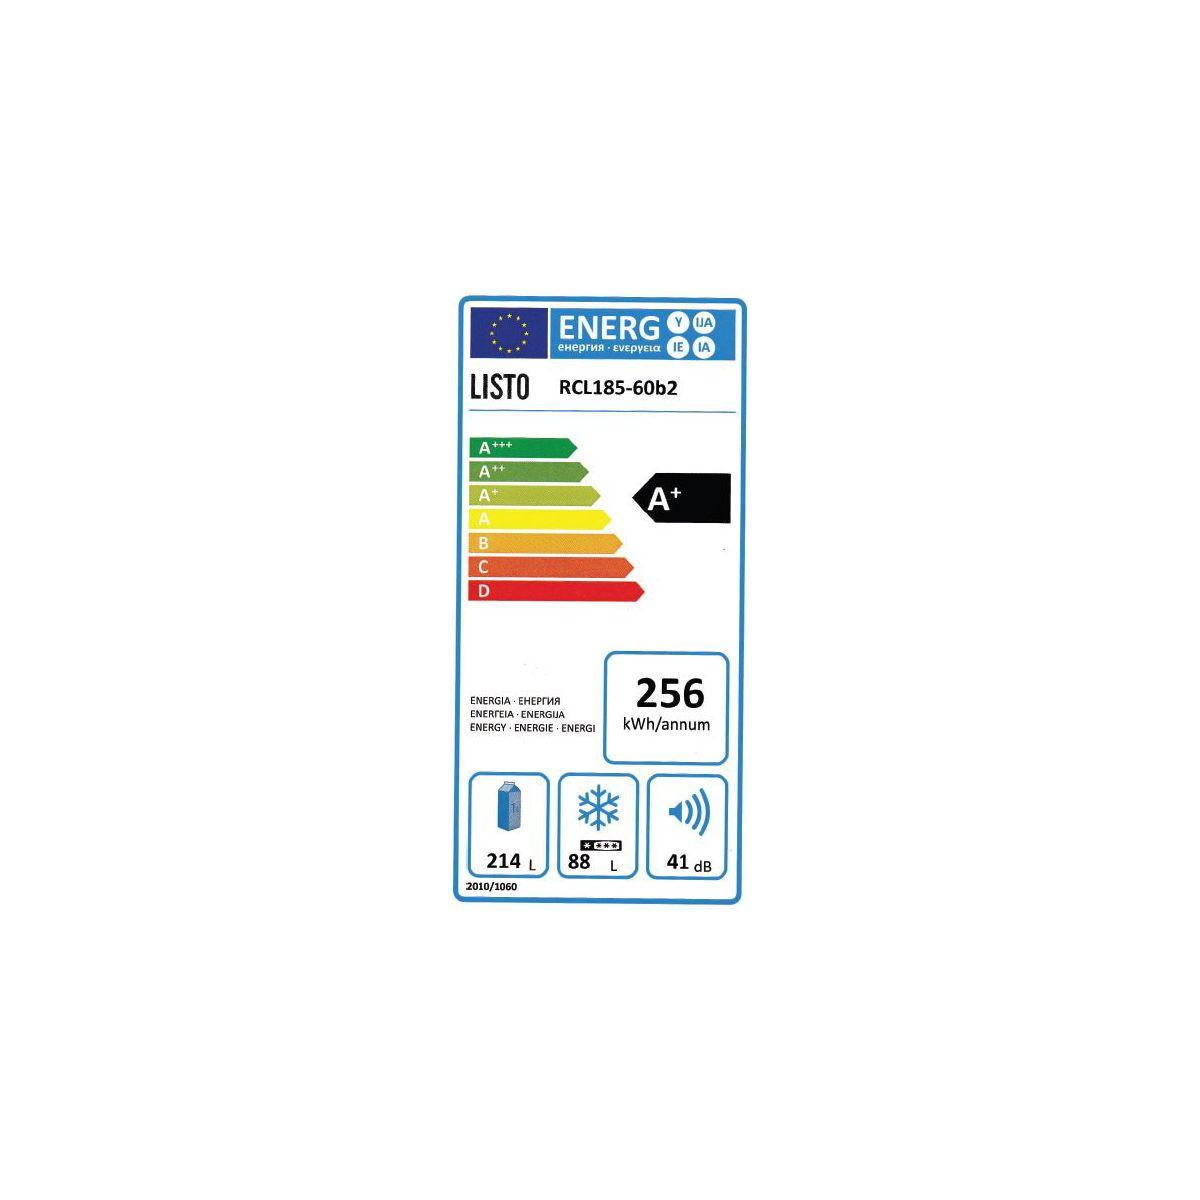 Réfrigérateur congélateur en bas LISTO RCL 185-60b2